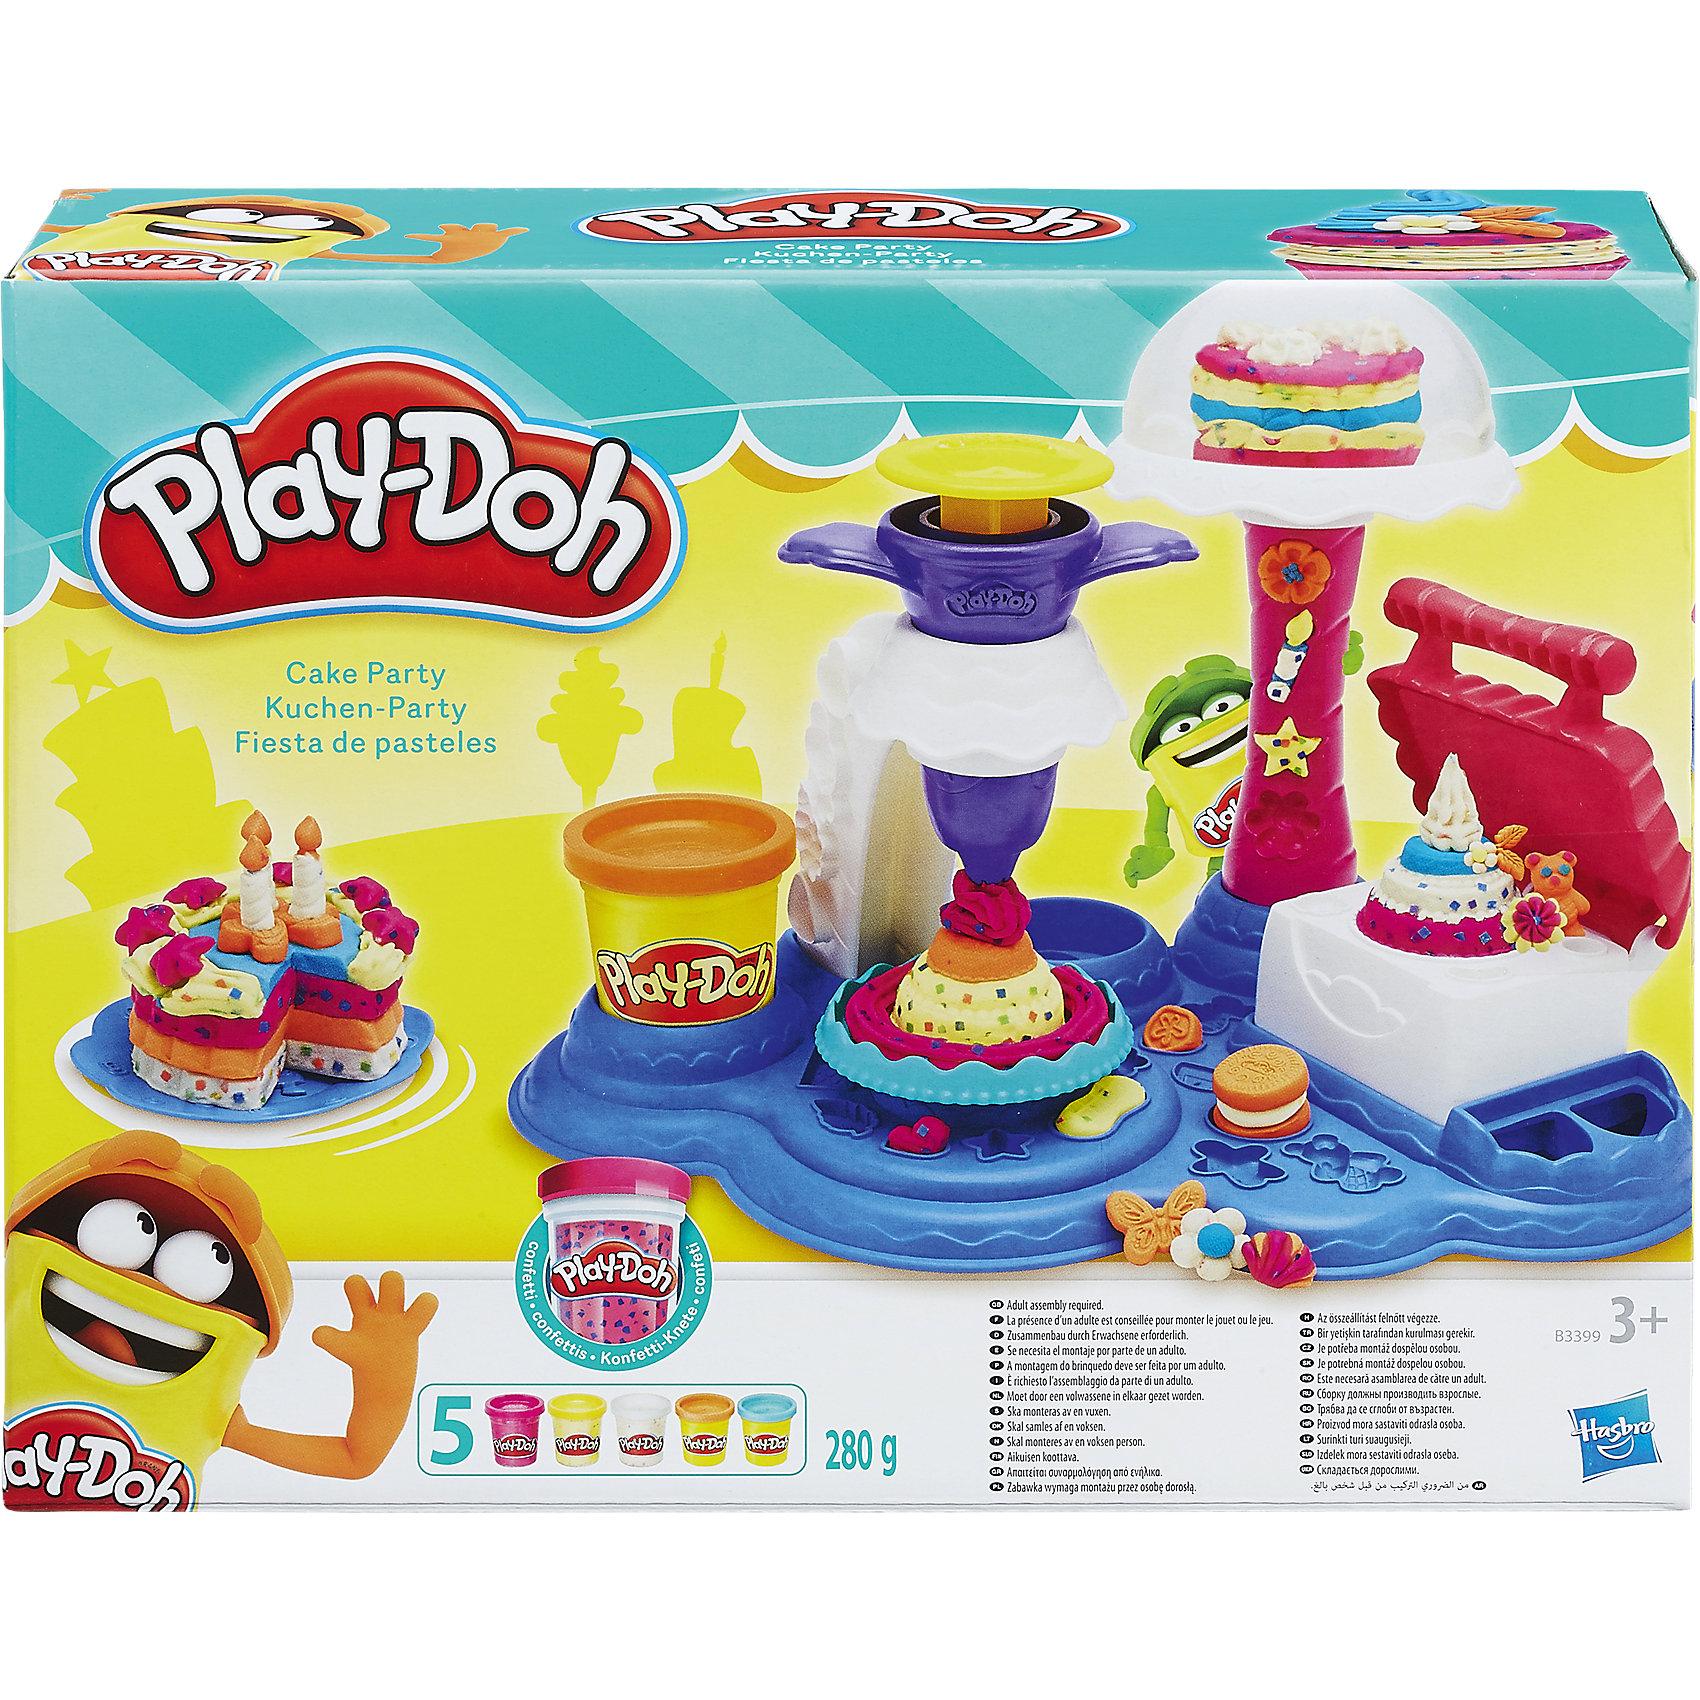 Игровой набор Сладкая вечеринка, Play-DohНаборы для лепки<br>Игровой набор Play-Doh - это множество приспособлений и формочек, благодаря которым ваш ребенок сможет устроить свою сладкую вечеринку! Комплект предназначен для лепки тортов и пирожных, а какой именно у сладостей будет дизайн, зависит только от фантазии юного творца.  <br>Пластилин Play-Doh - уникальный материал для детского творчества. Он не прилипает к рукам, окрашен безопасным красителем, быстро высыхает и не имеет запаха. Пластилин сделан на основе натуральных съедобных продуктов, поэтому даже если ребенок проглотит его, ничего страшного не случится. <br><br>Дополнительная информация:<br><br>- Материал: пластик, пластилин.<br>- Размер упаковки: 21,5х28,8х8 см.<br>- Комплектация: чудо-печка, подставка для угощений, экструдер, вилка, ножик, шпатель, резак и подносы, 5 баночек play-doh.<br><br>Игровой набор Сладкая вечеринка, Play-Doh (Плей До), можно купить в нашем магазине.<br><br>Ширина мм: 283<br>Глубина мм: 218<br>Высота мм: 81<br>Вес г: 821<br>Возраст от месяцев: 36<br>Возраст до месяцев: 72<br>Пол: Женский<br>Возраст: Детский<br>SKU: 4319032